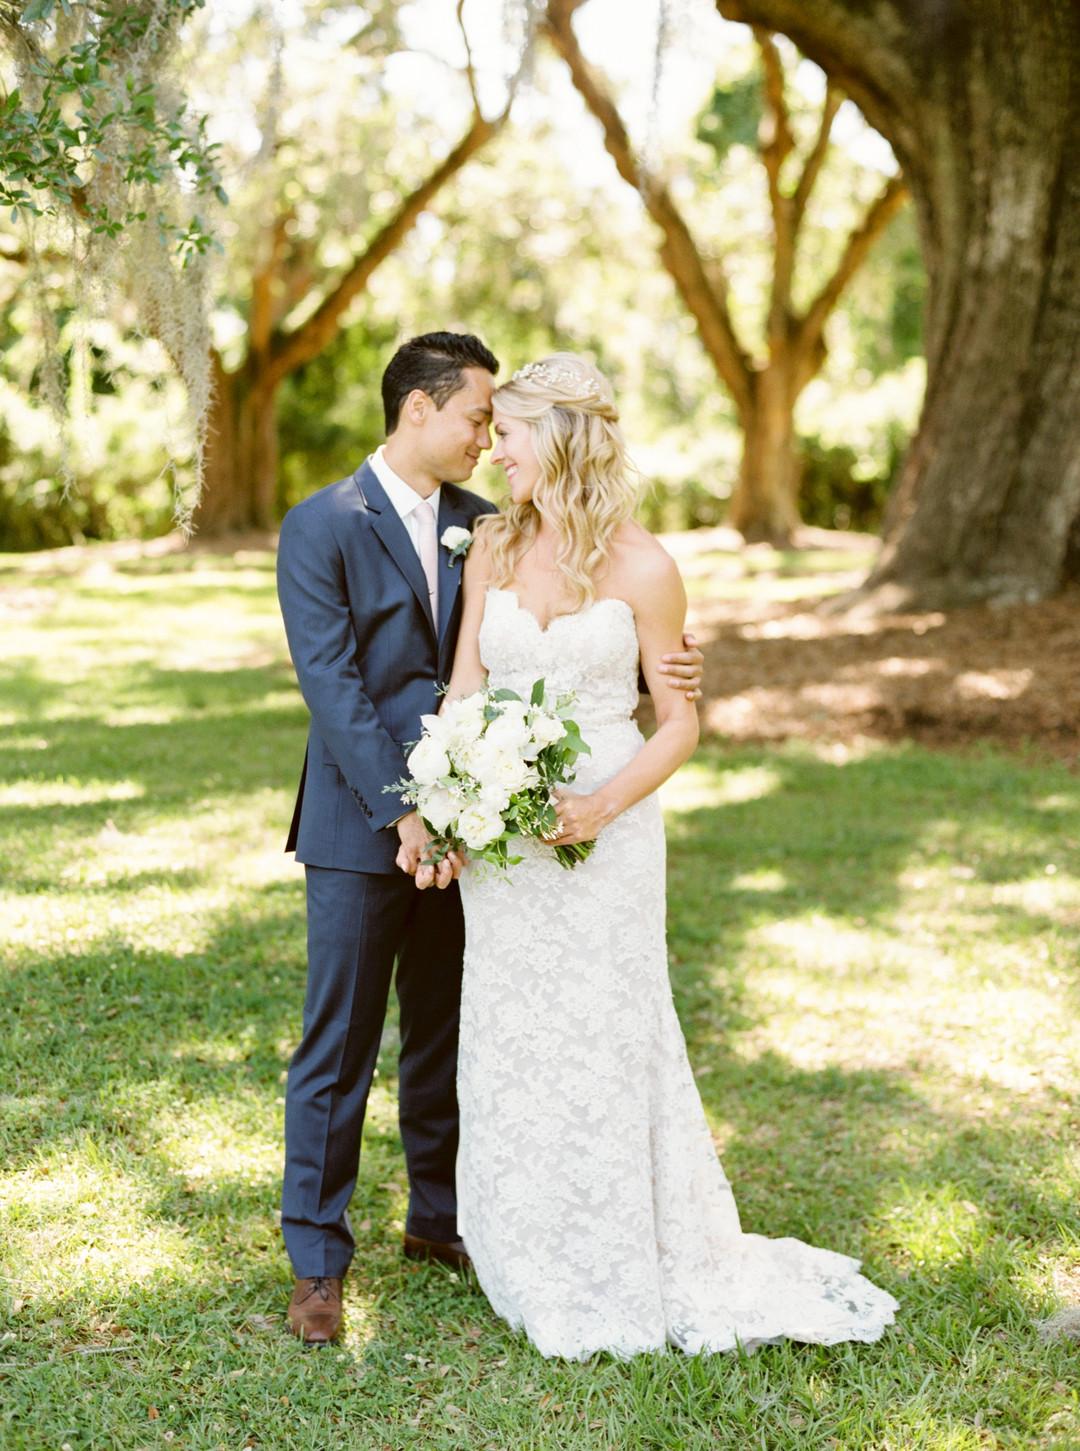 boone-hall-plantation-wedding-40.jpg